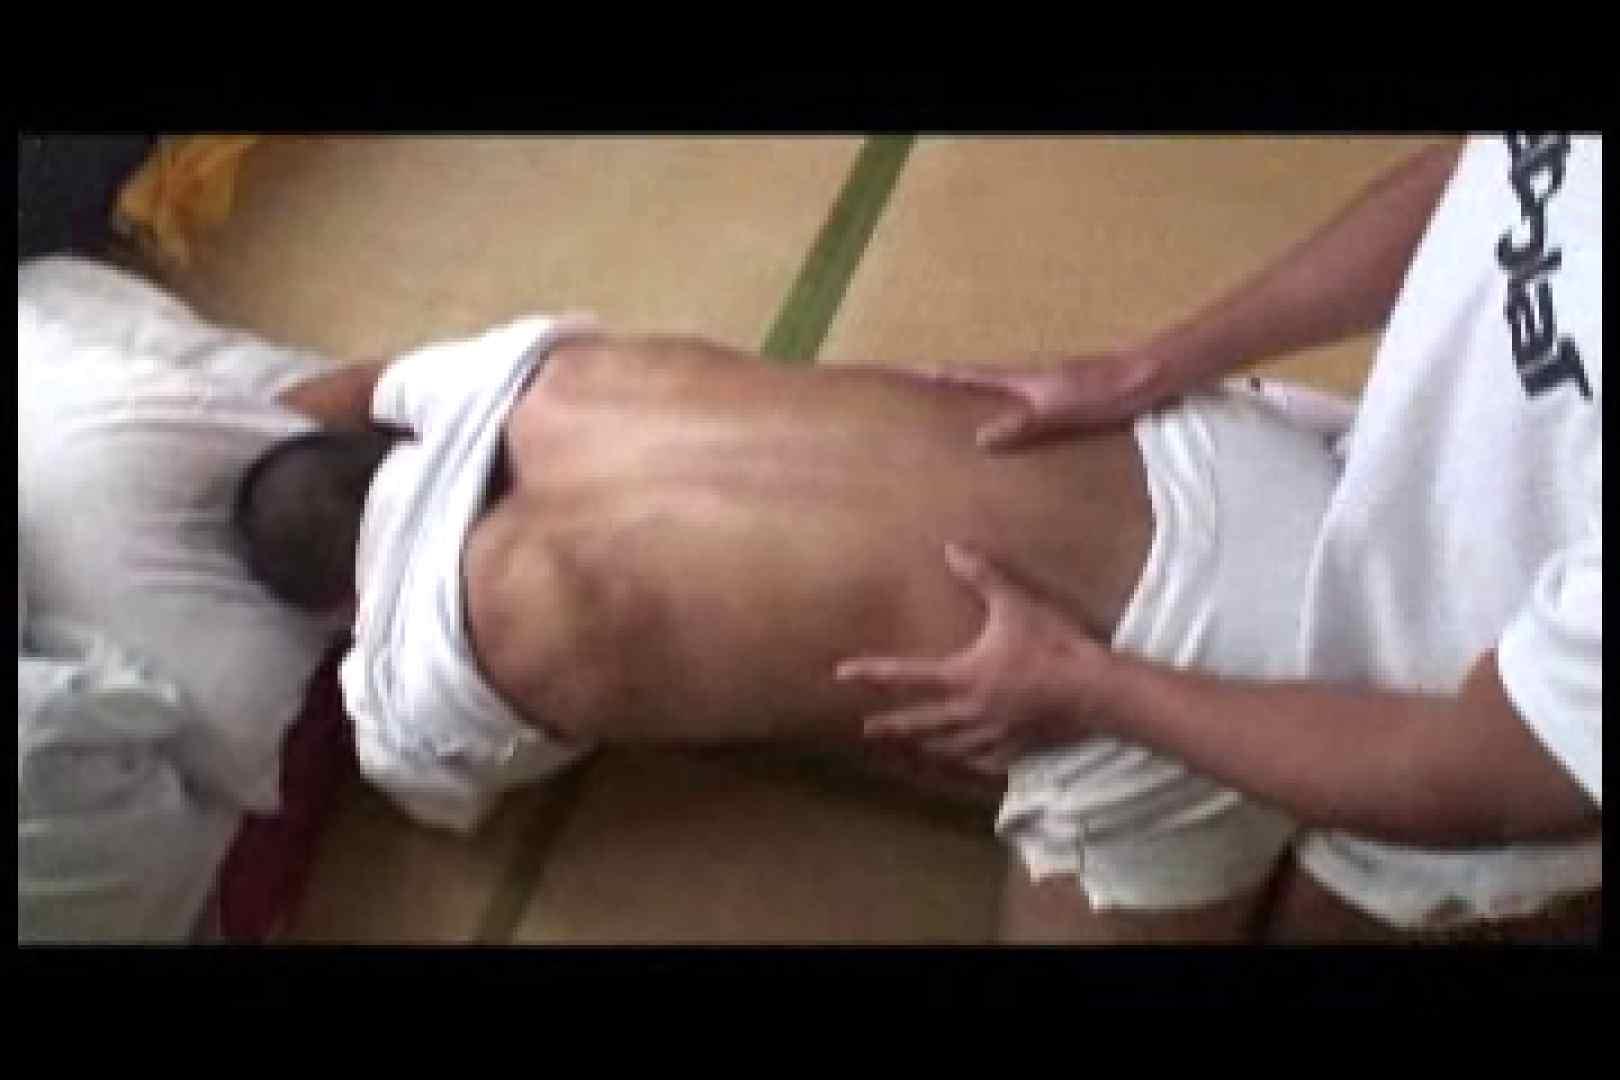 ラグビー部物語!オナニー野郎に先輩の教育! 手コキ | オナニー AV動画 71pic 66